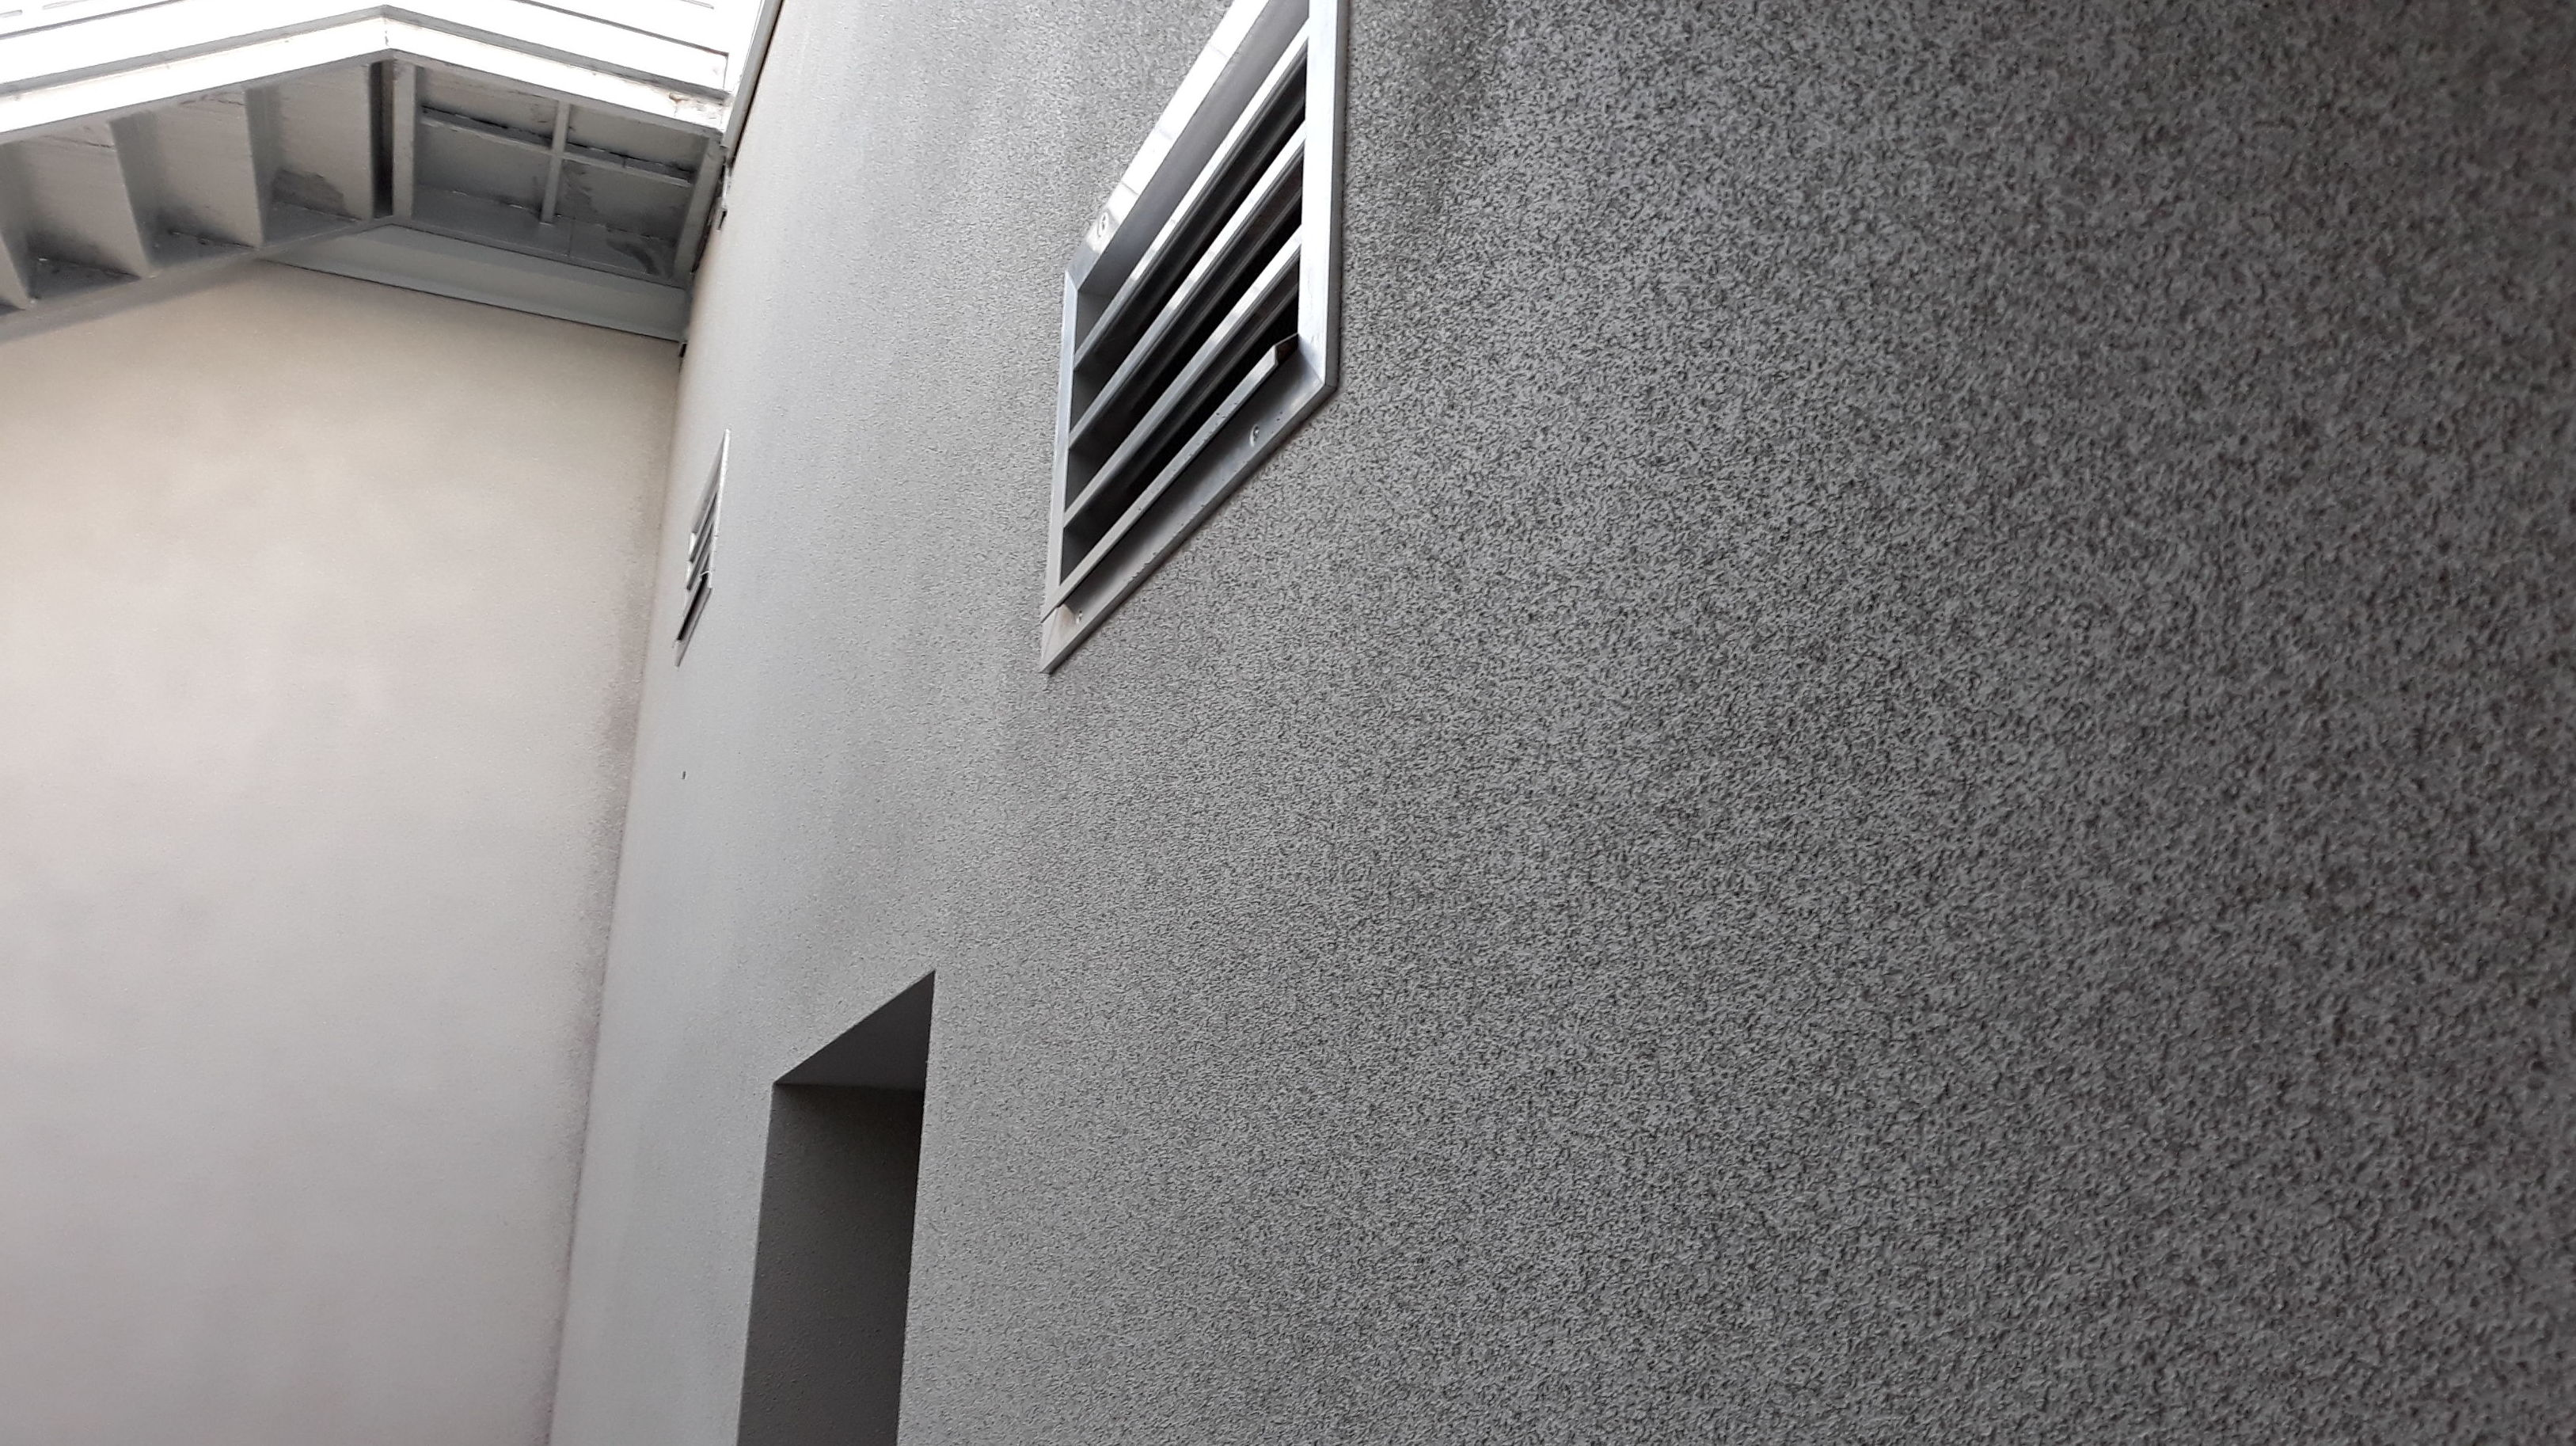 Corcho natural gris claro en fachada